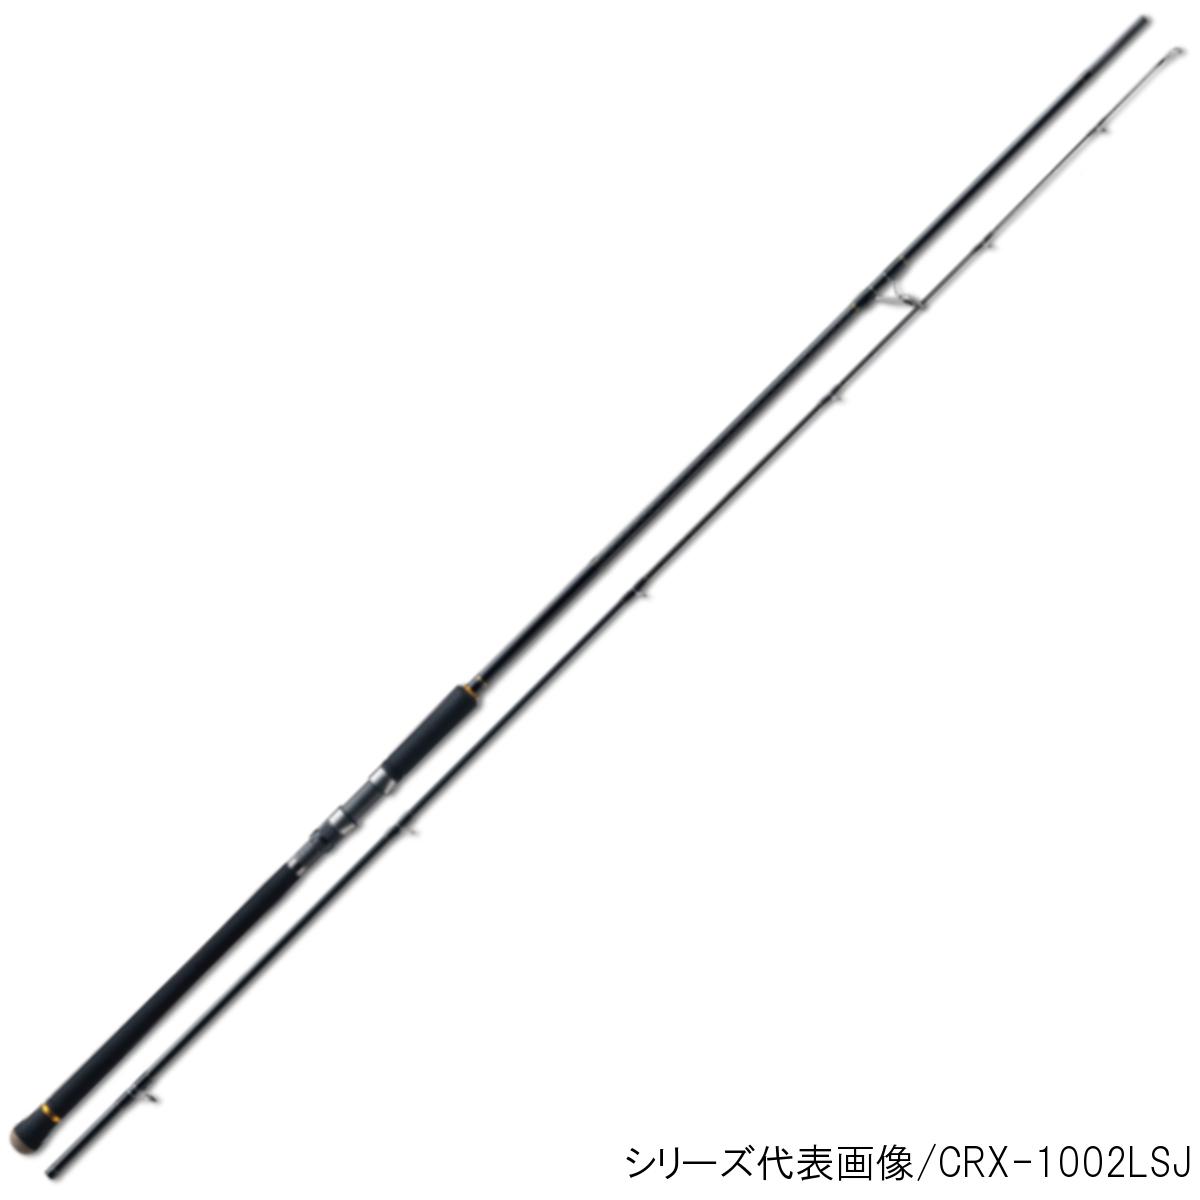 メジャークラフト クロステージ CRX-962LSJ【送料無料】